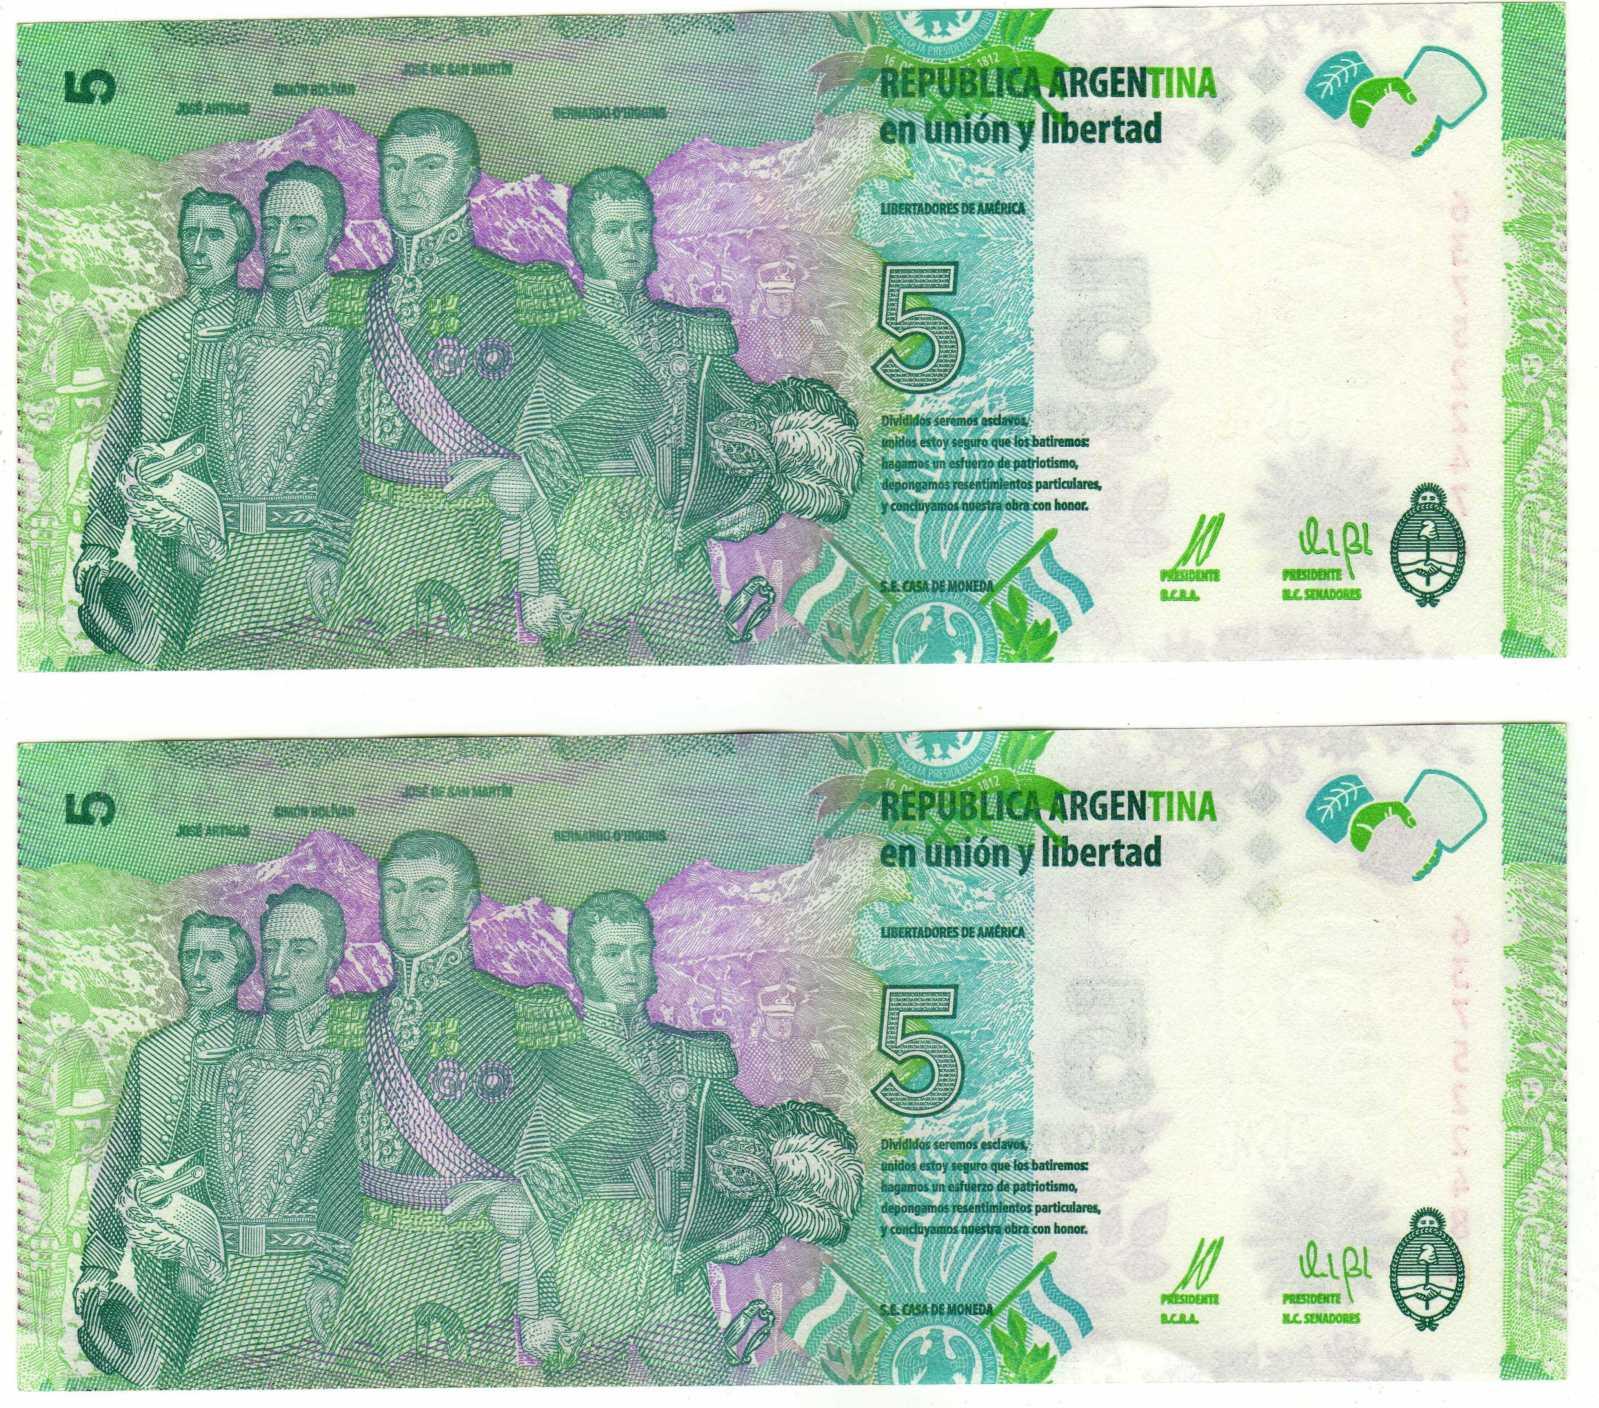 El Billete mas feo que se imprimió en Argentina. Rkdjr5